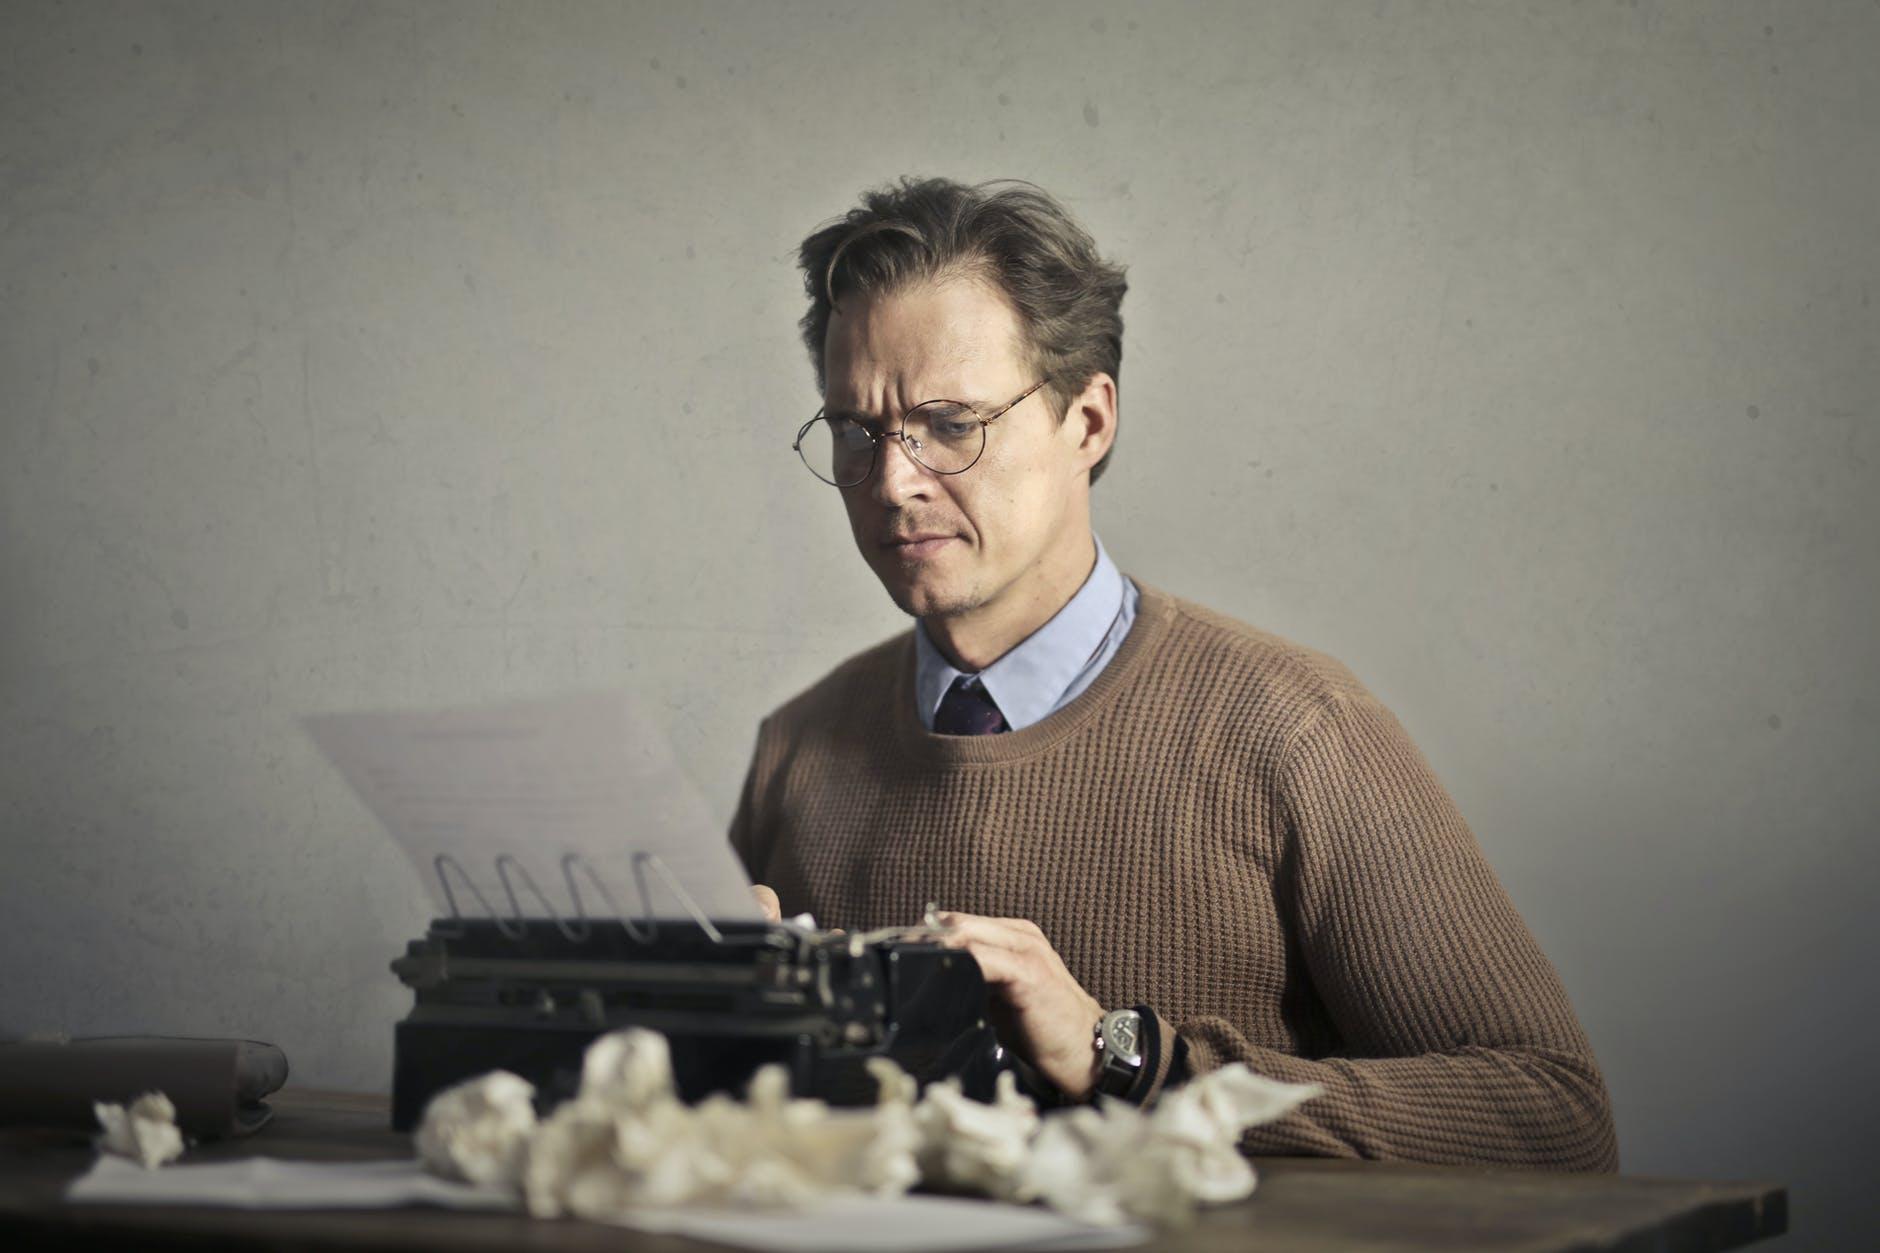 homme machine à écrire